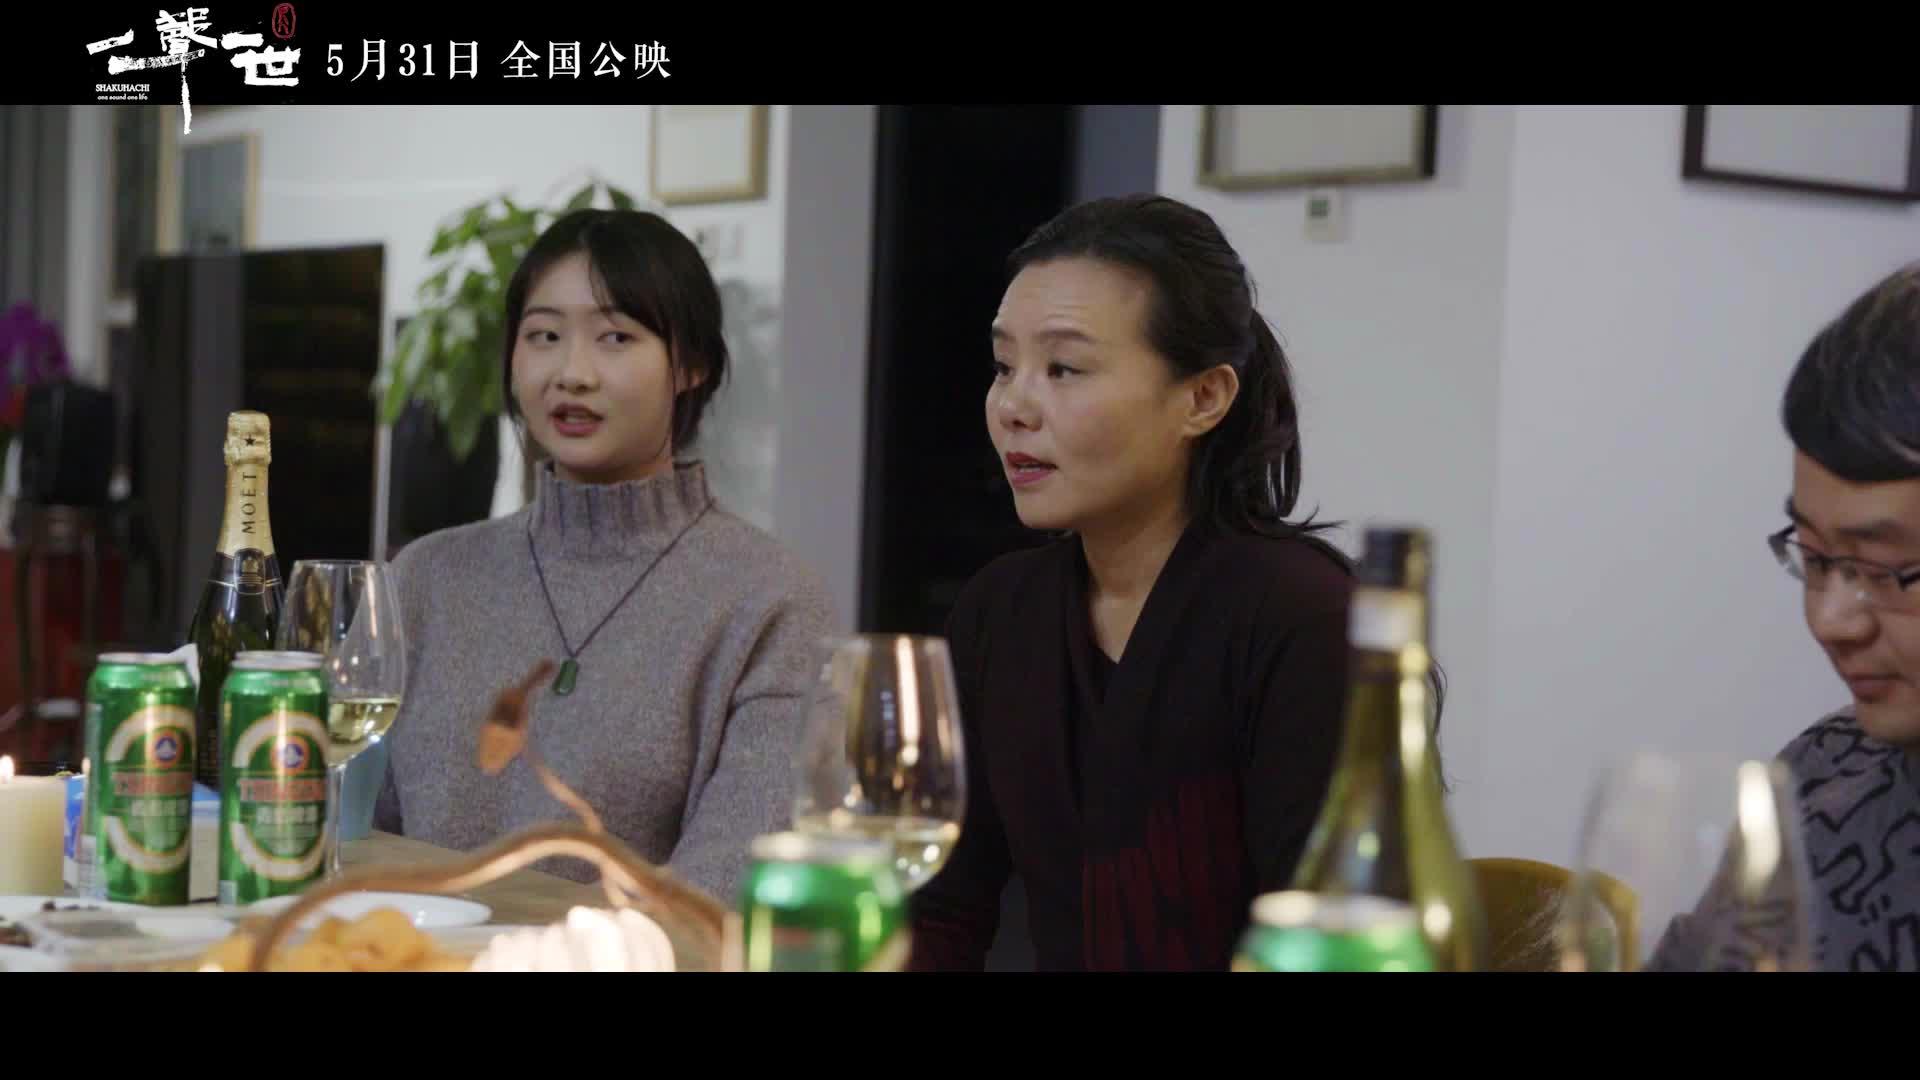 龚琳娜清唱《忐忑》 引来火影配乐大师佐藤康夫感叹